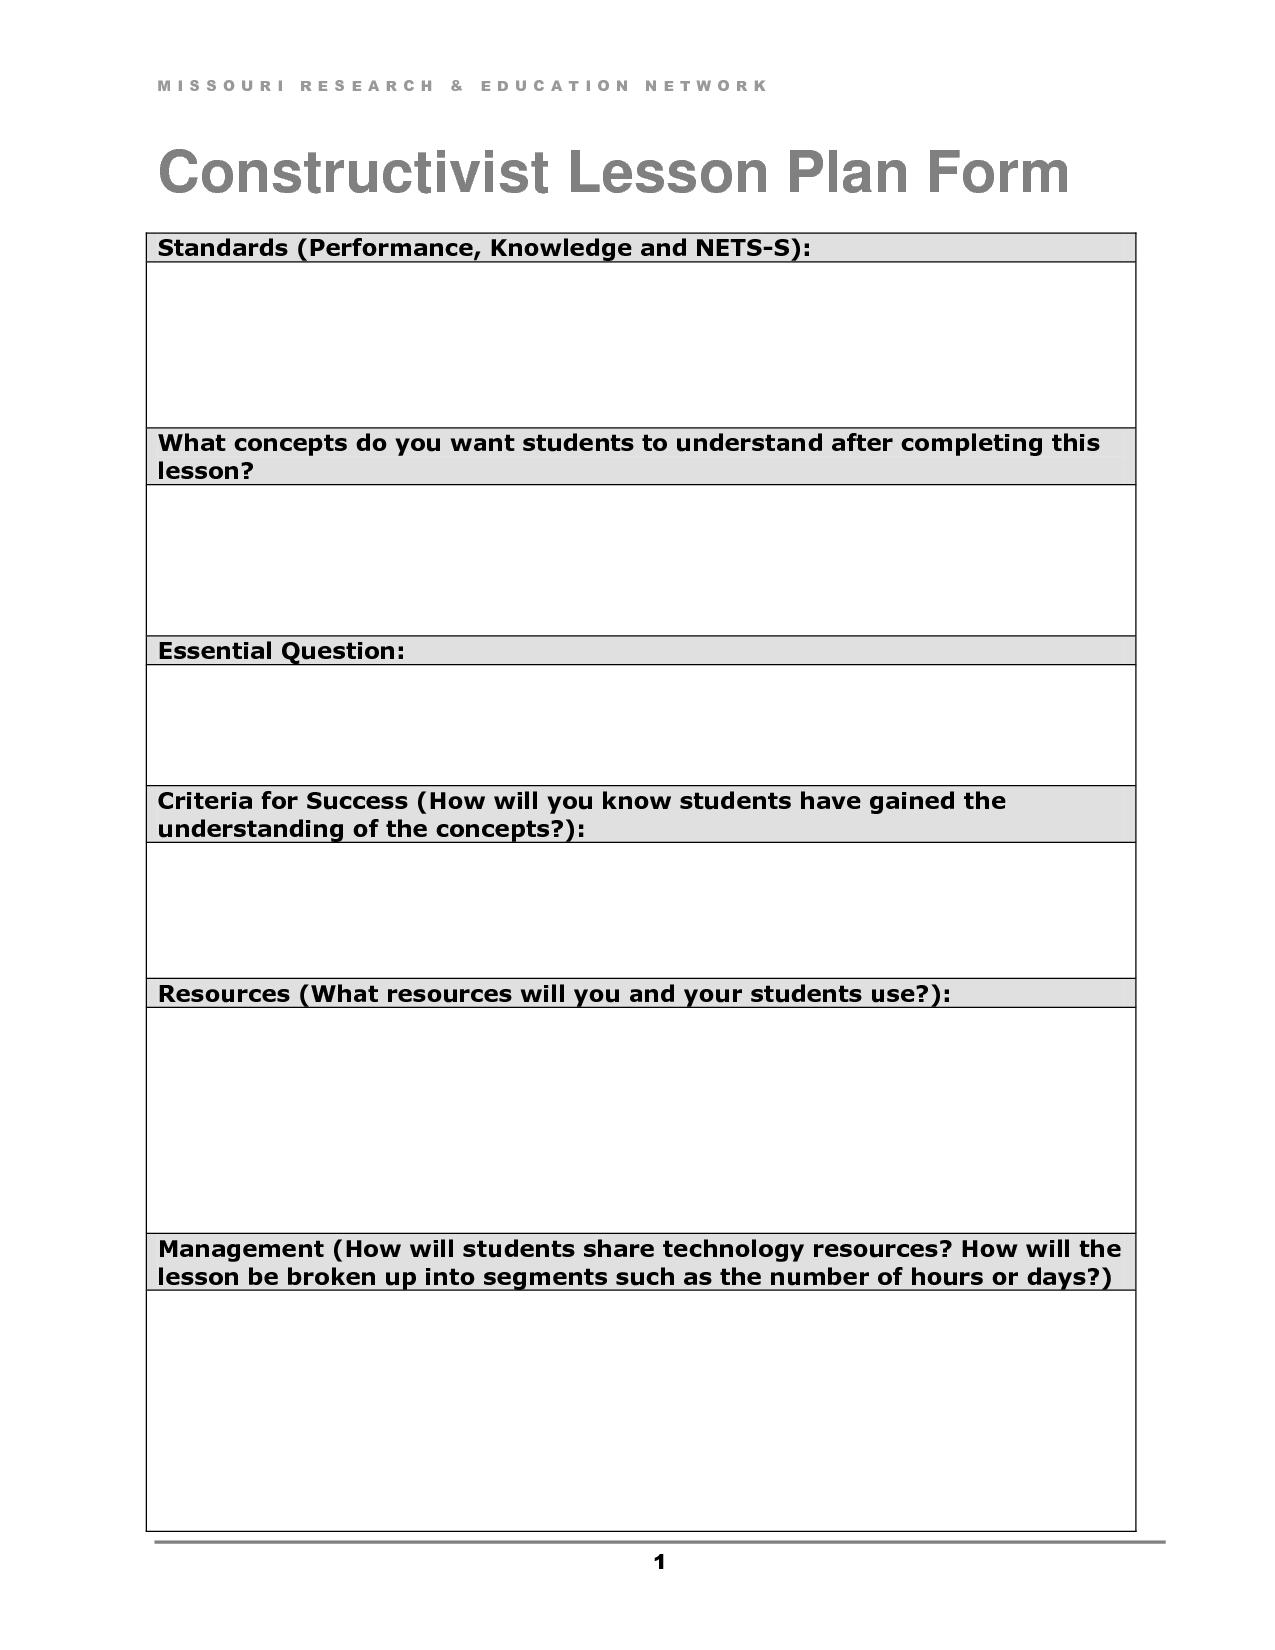 Constructivist Lesson Plan Form